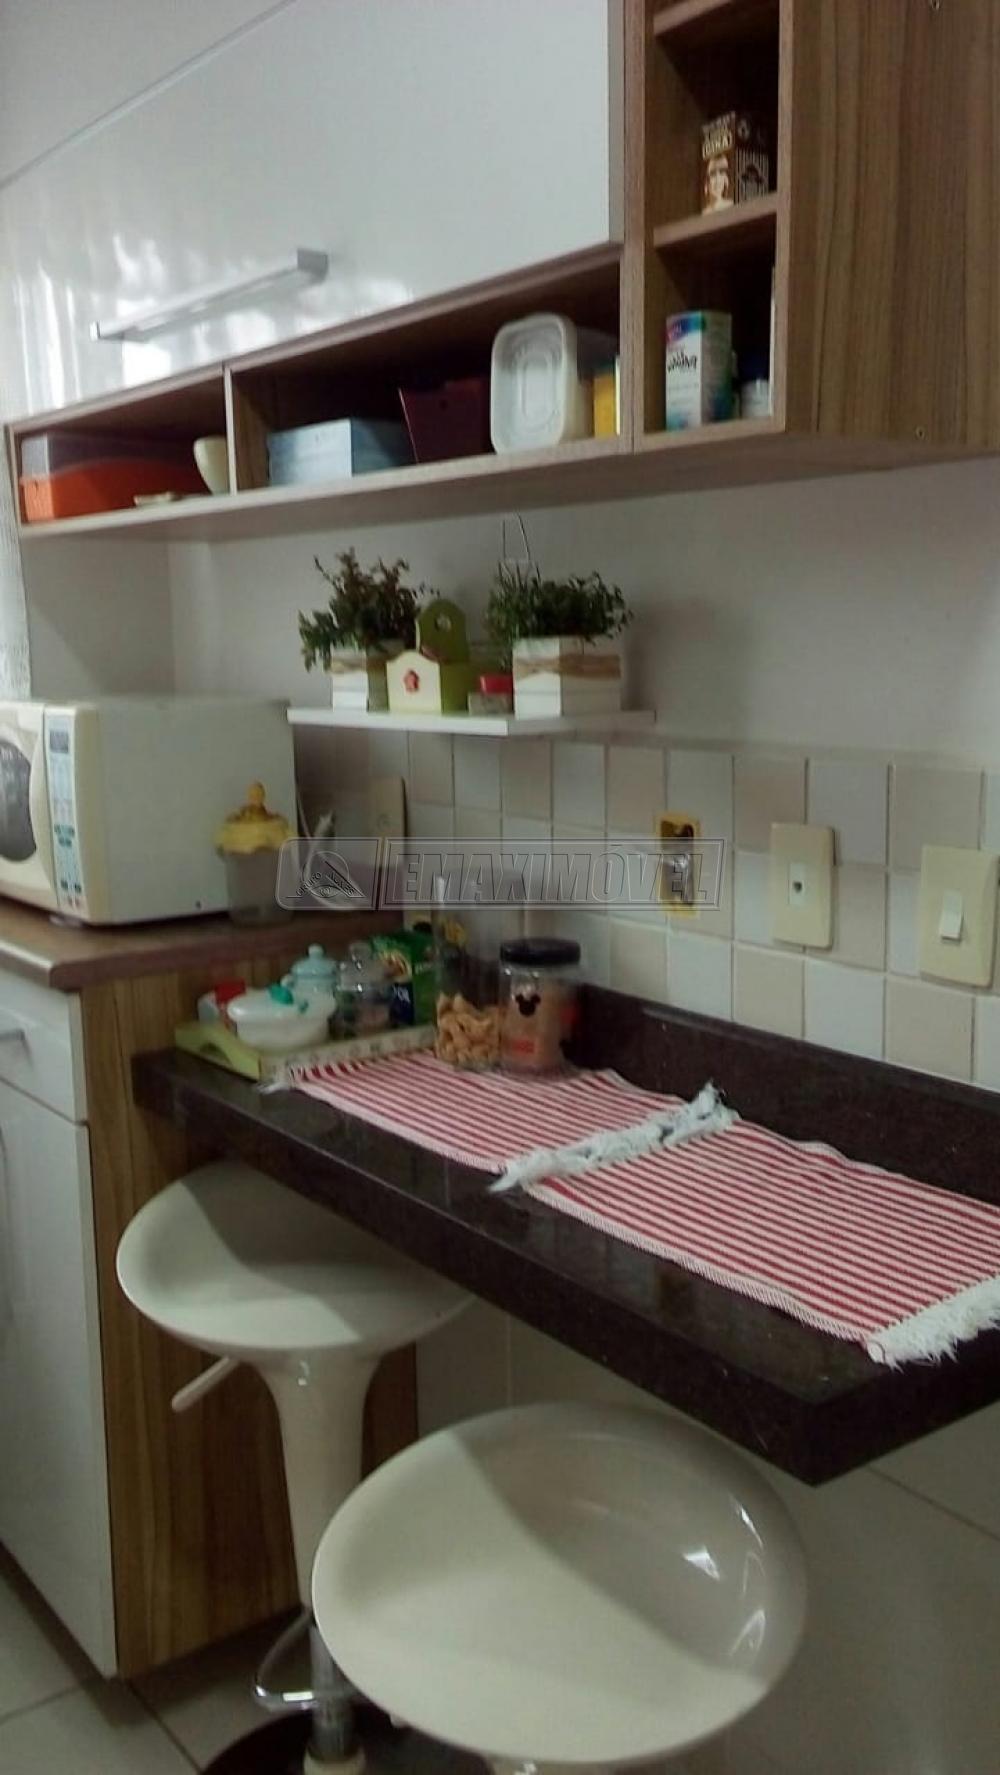 Comprar Apartamentos / Apto Padrão em Sorocaba apenas R$ 395.000,00 - Foto 14